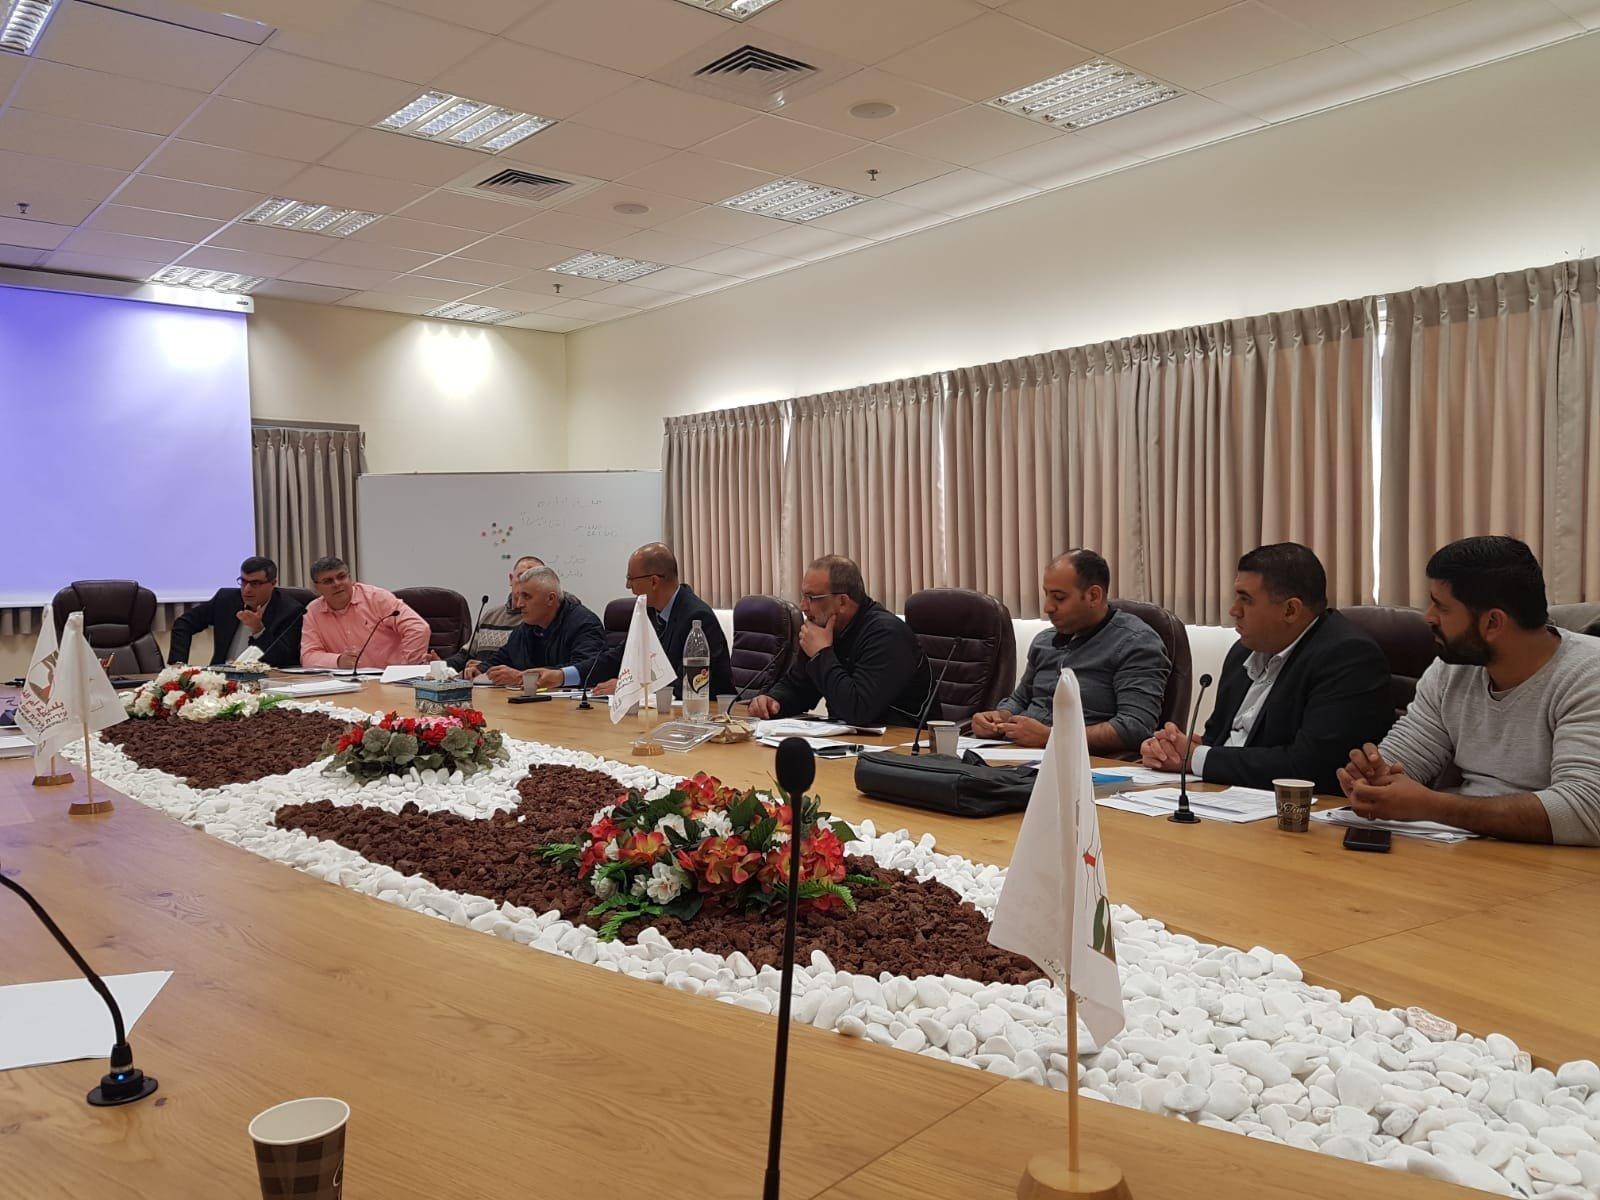 ام الفحم: المجلس البلدي يصادق بالأغلبية على الميزانية العادية للعام 2019 بقيمة 337 مليون شيكل